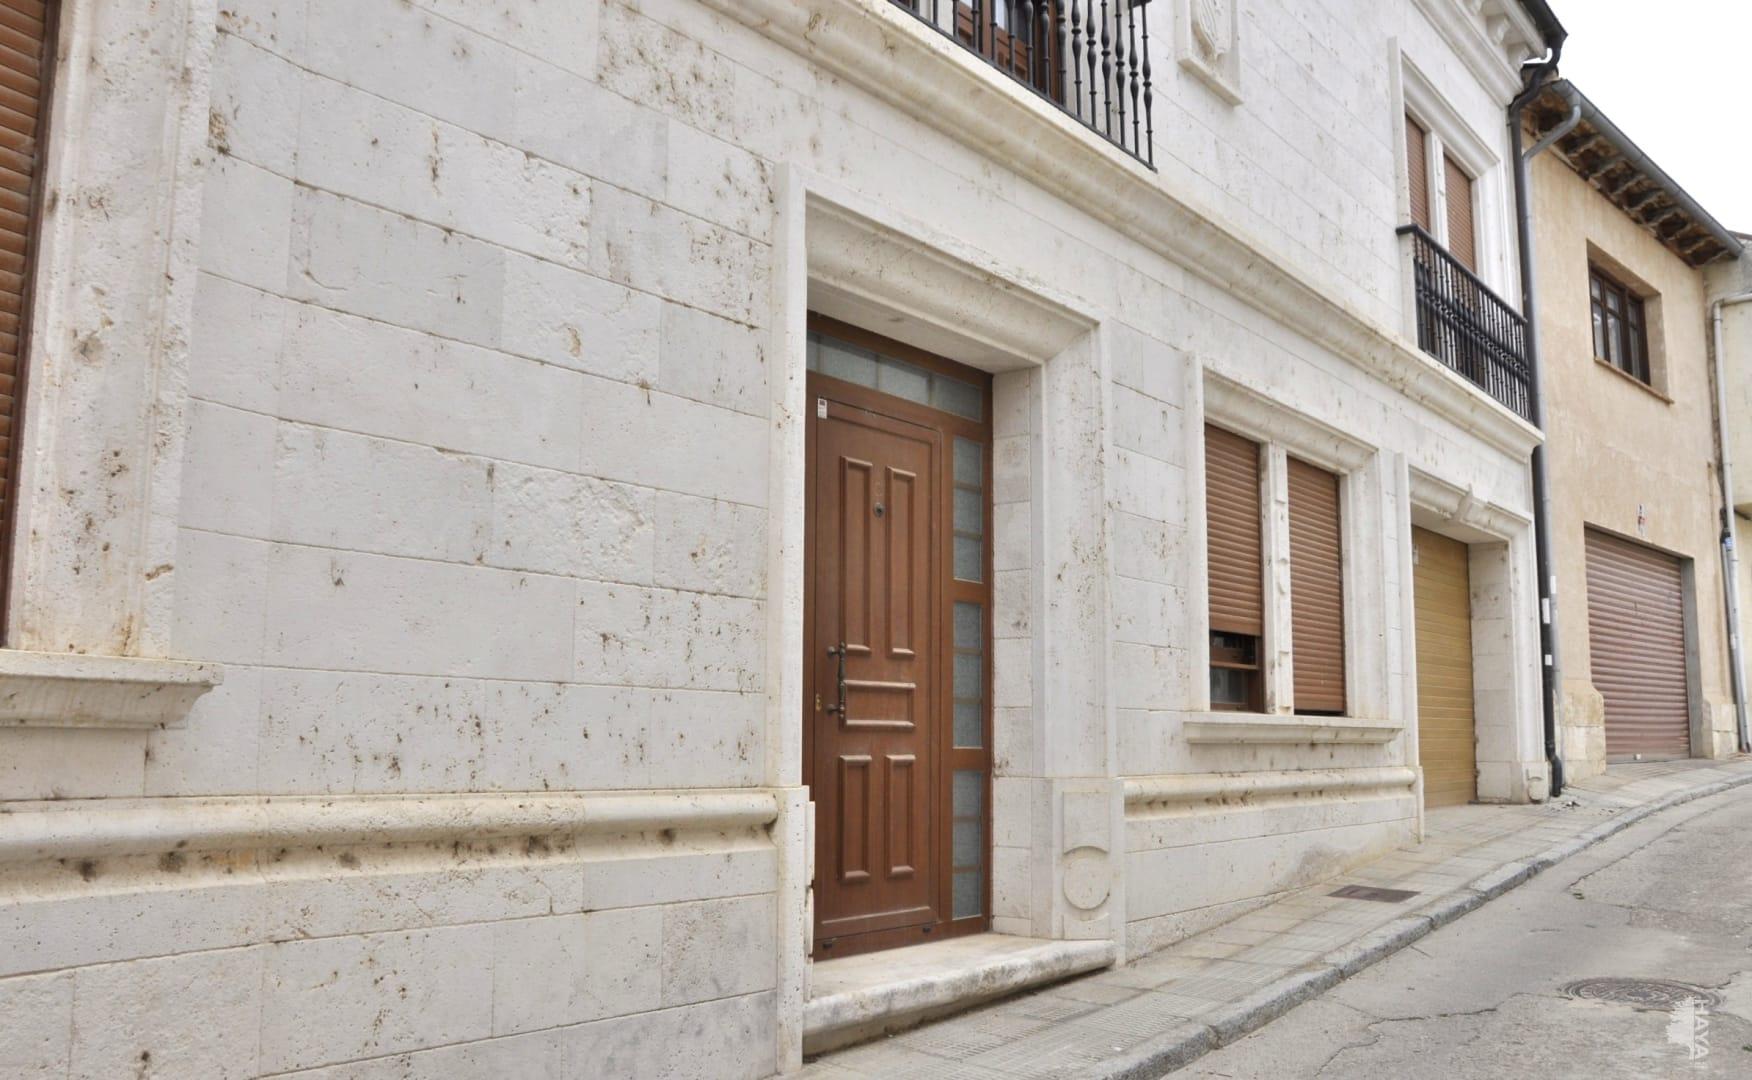 Casa en venta en Dueñas, Dueñas, Palencia, Calle Castellares, 477.750 €, 10 habitaciones, 6 baños, 620 m2